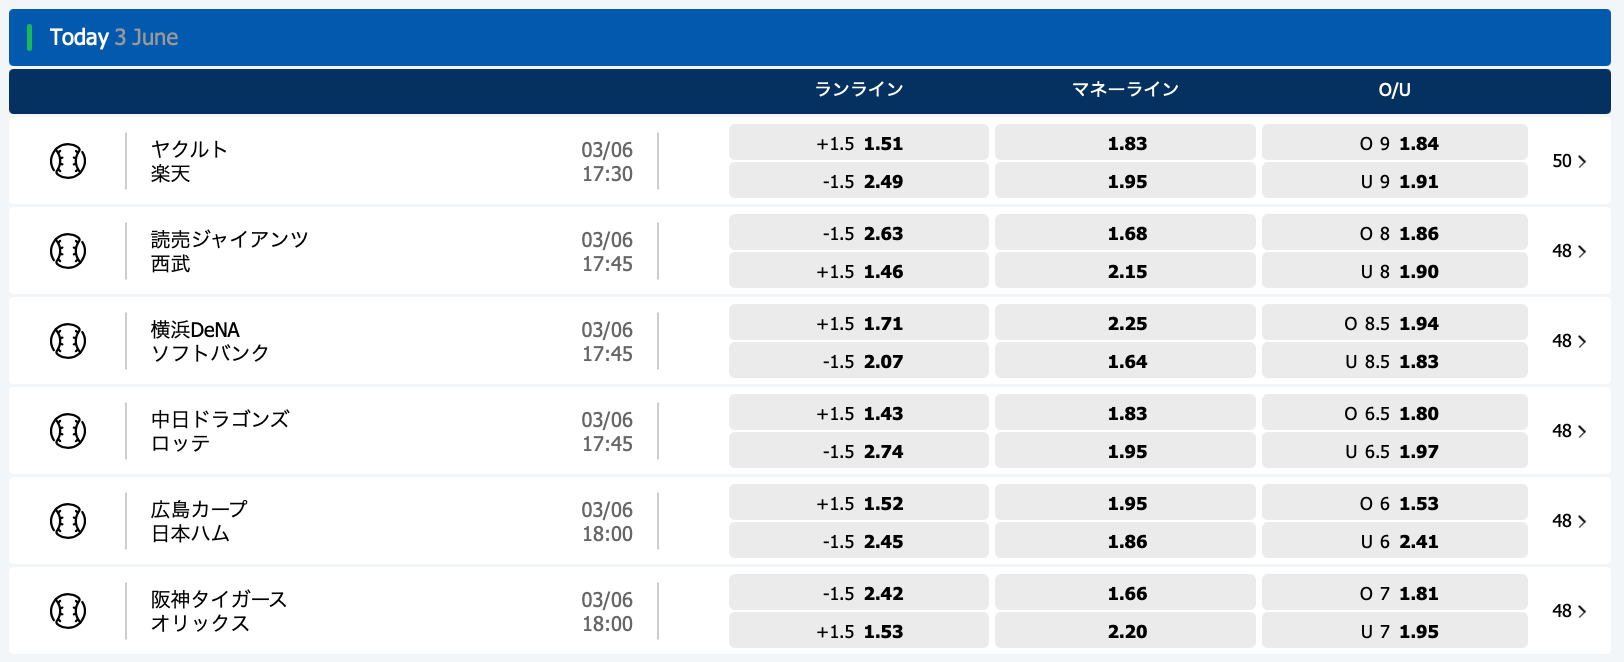 2021年6月3日プロ野球オッズ・10bet Japan